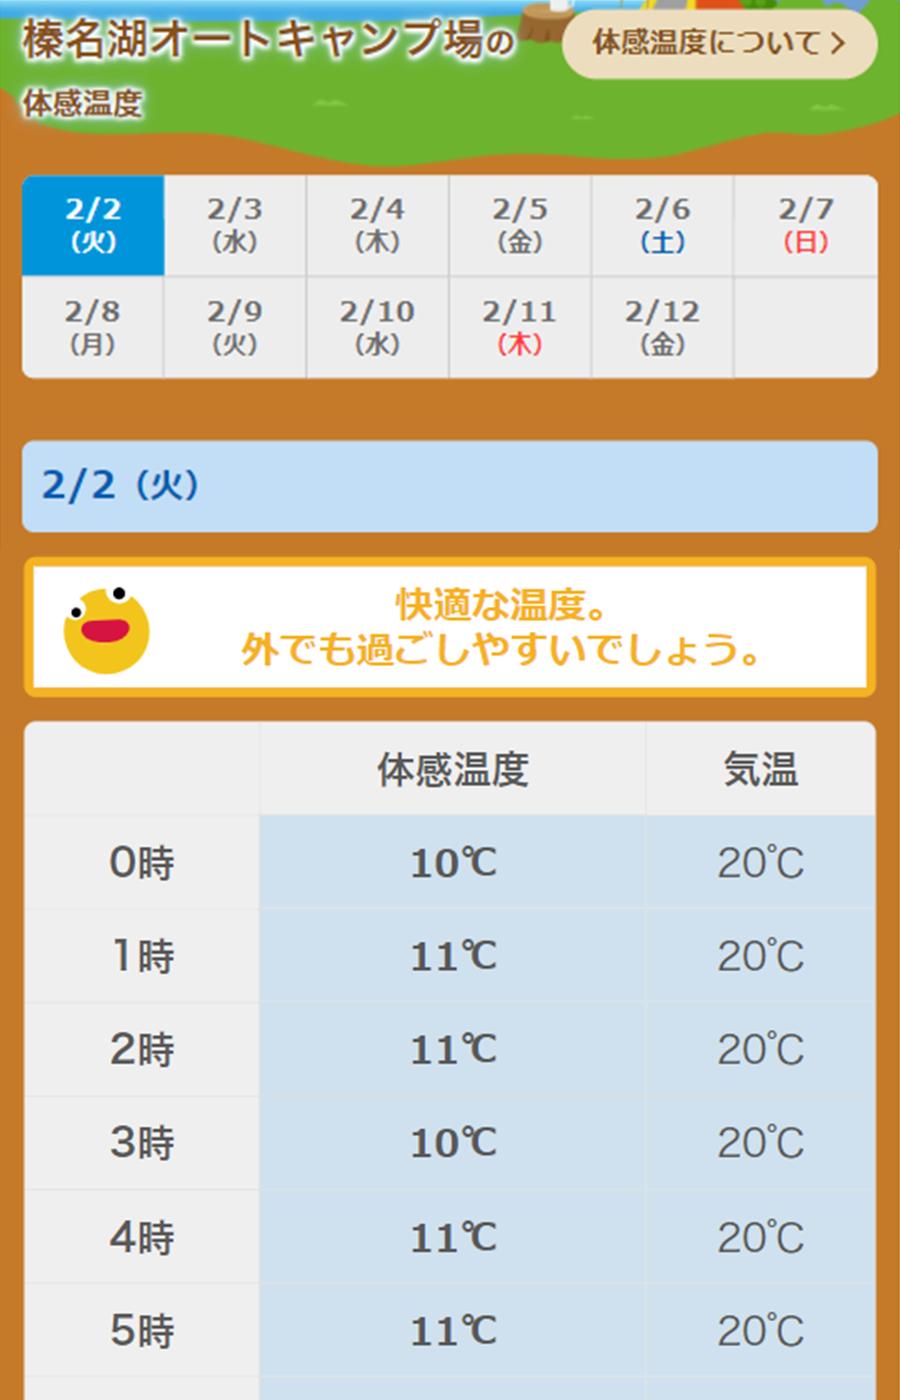 体感温度サンプル